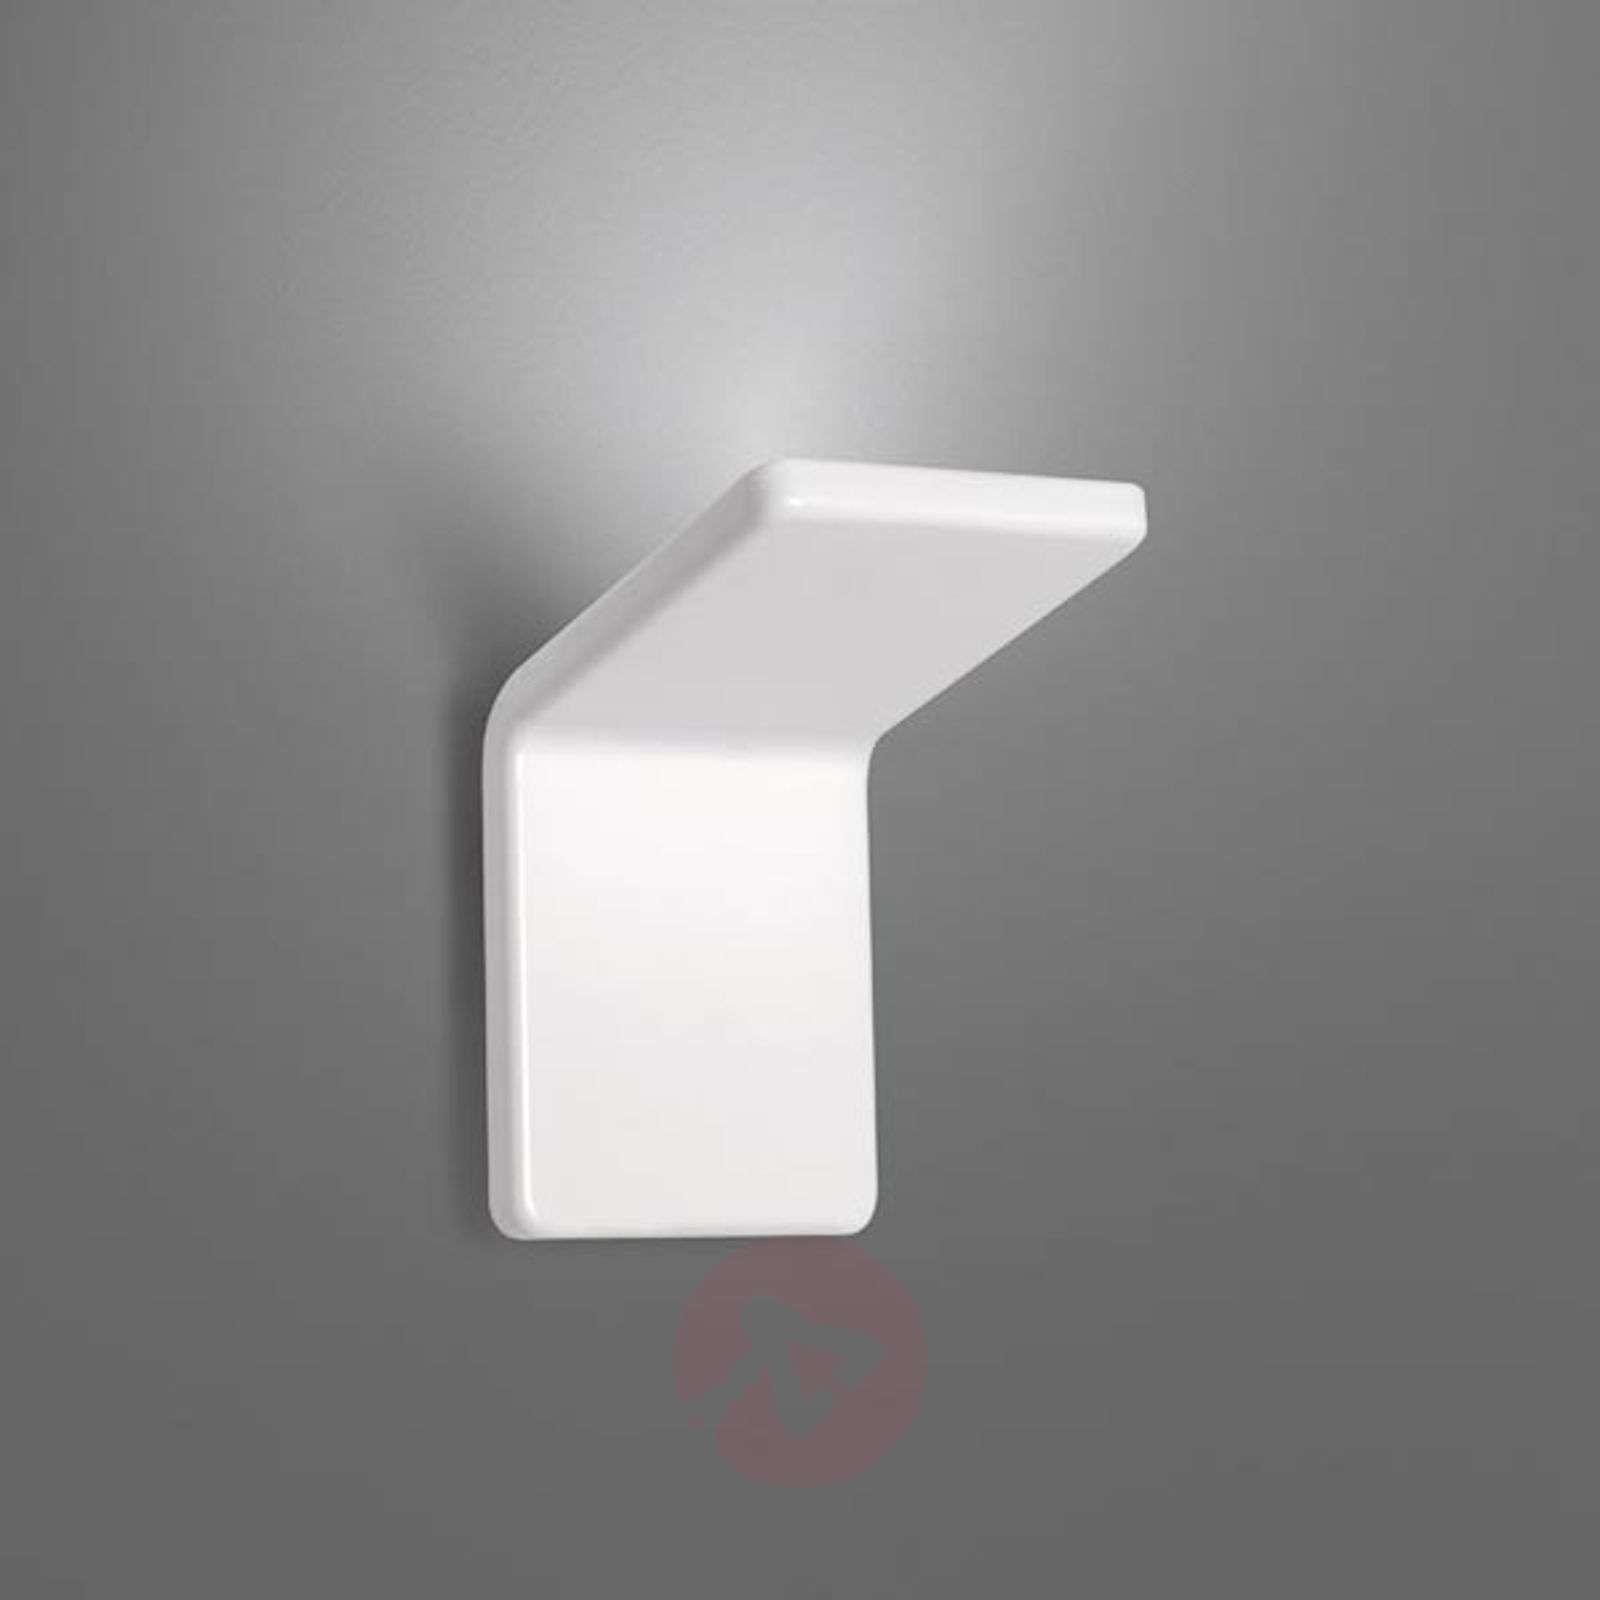 Design-LED-seinävalo Cuma 10, valkoinen-1060018-01